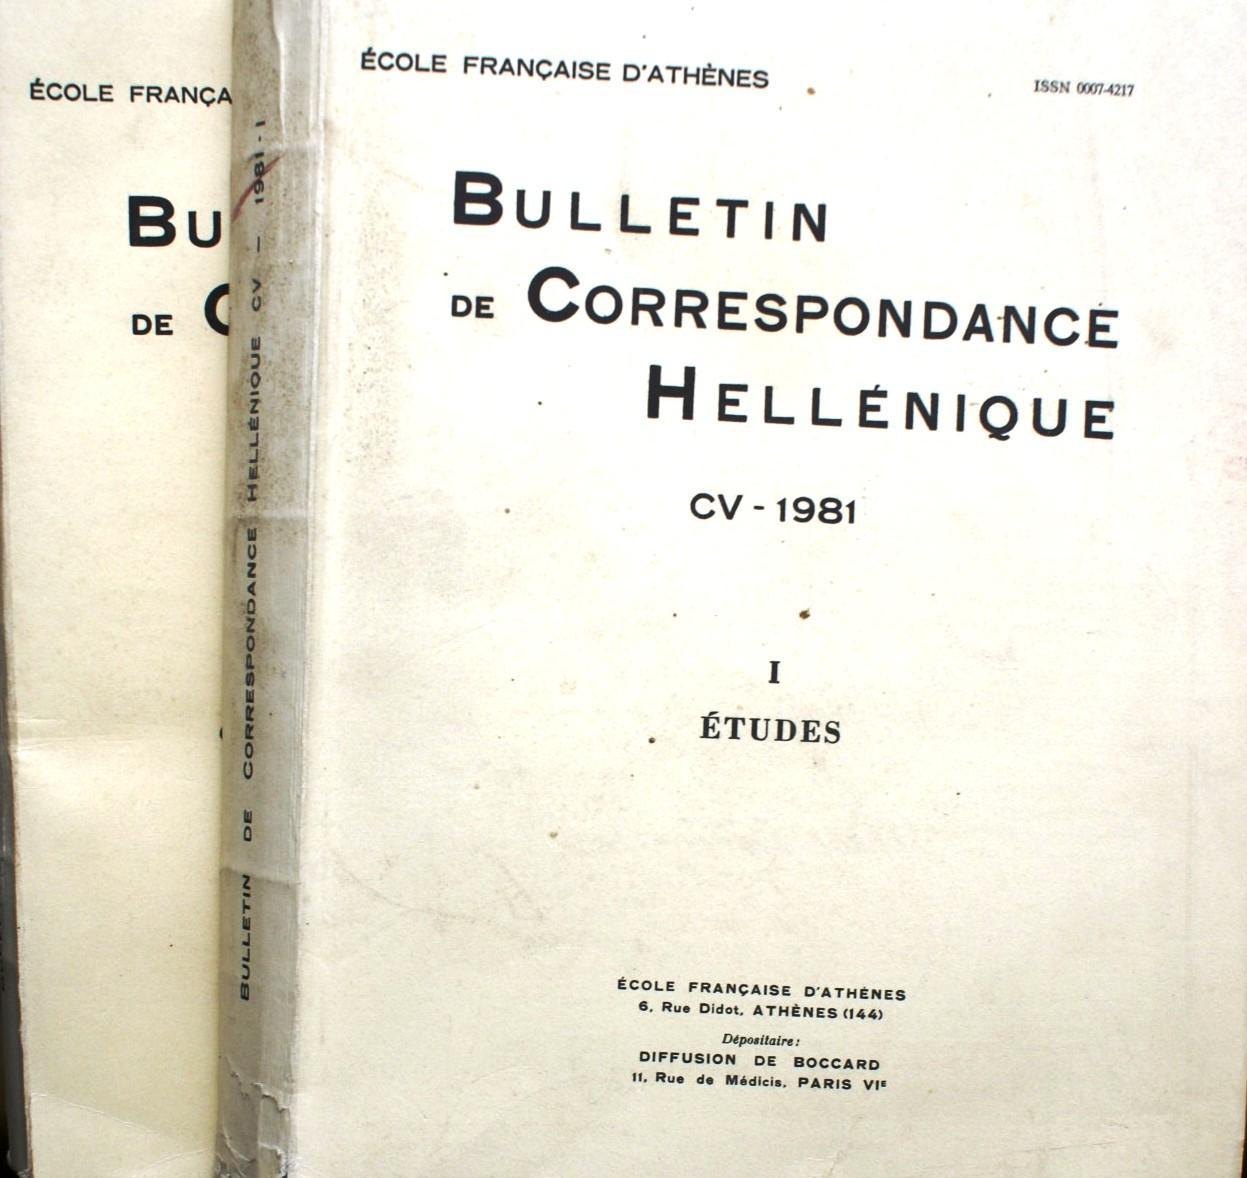 bulletin de correspondance hell u00e9nique 1981  tome cv  volume i  etudes  volume ii  notes